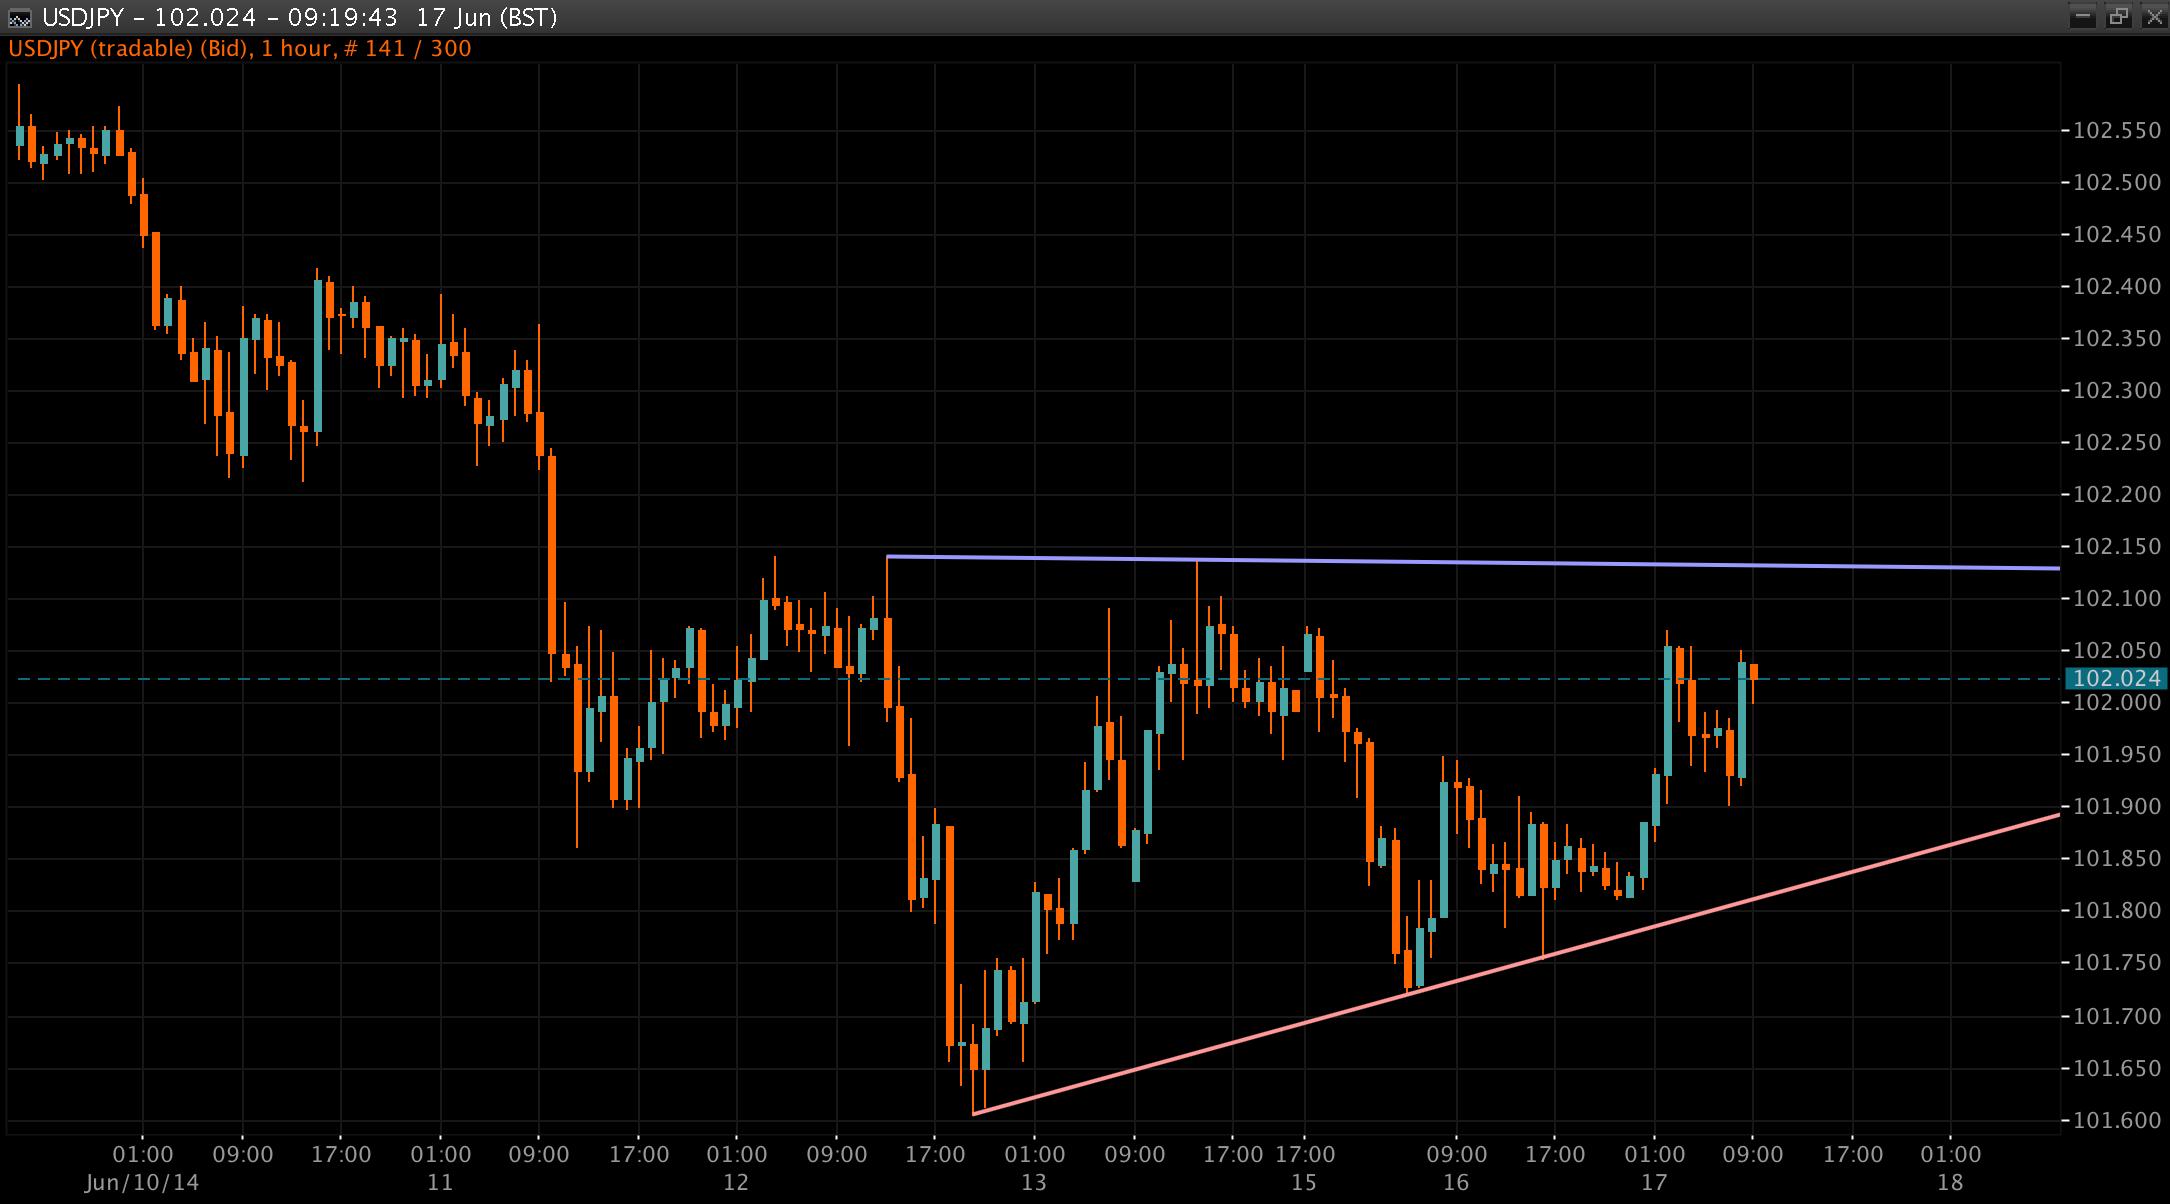 USD/JPY Chart 17 Jun 2014